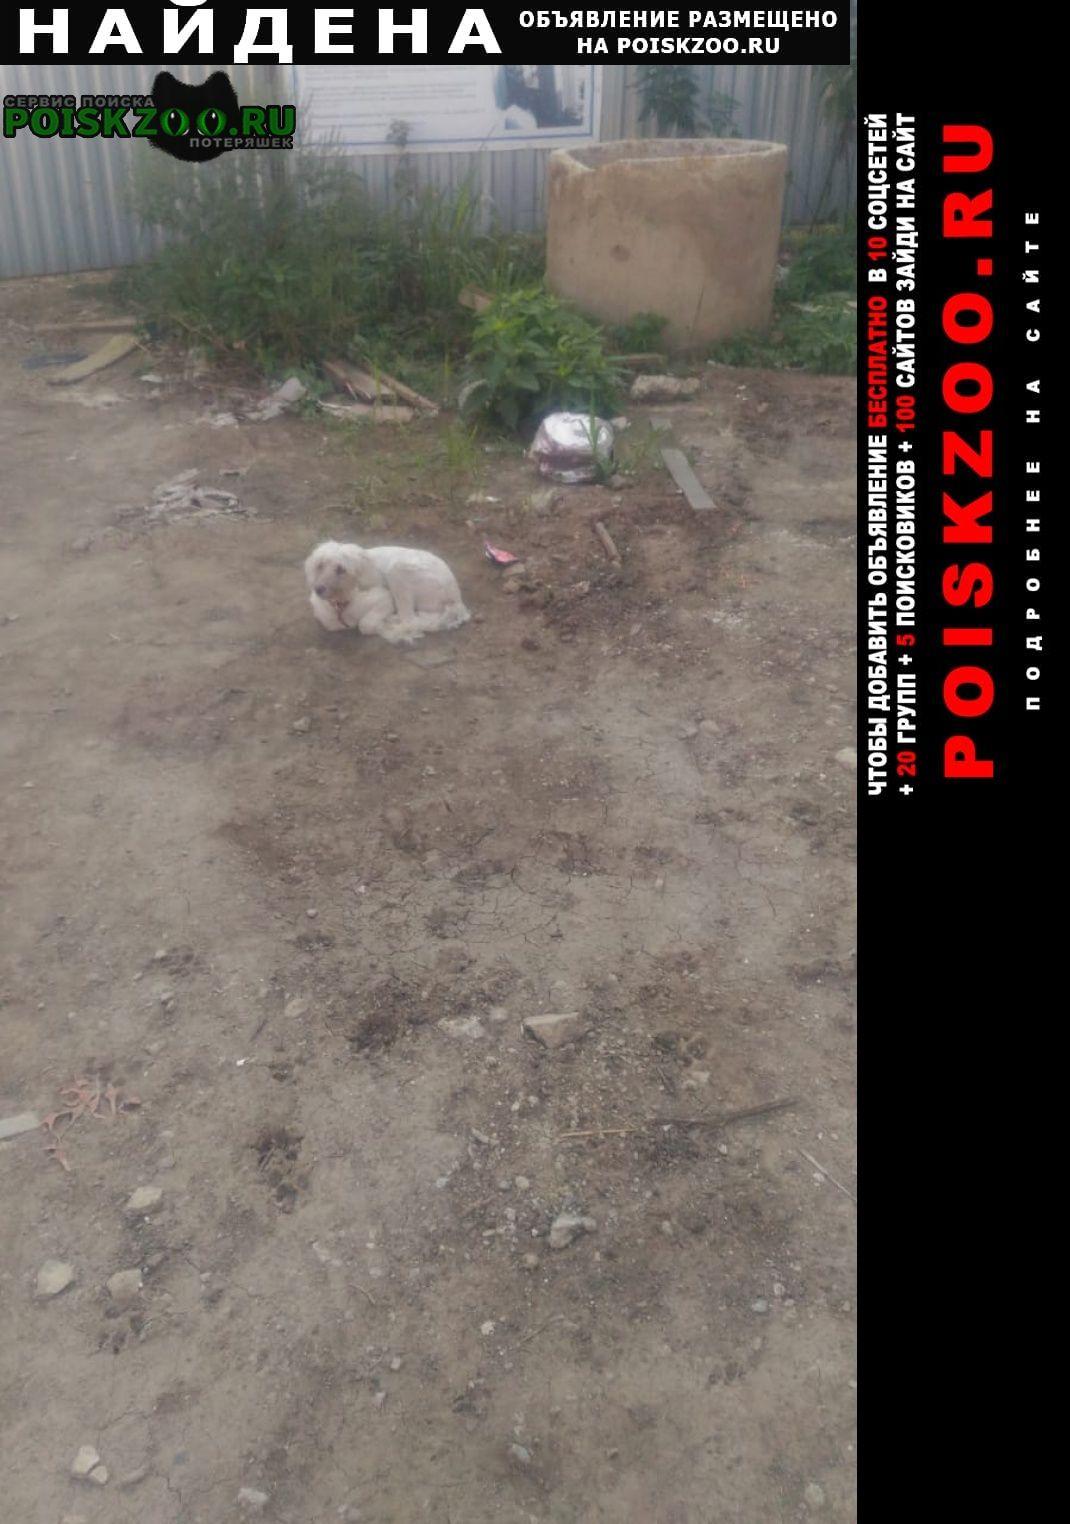 Найдена собака пудель девочка молодая Краснодар